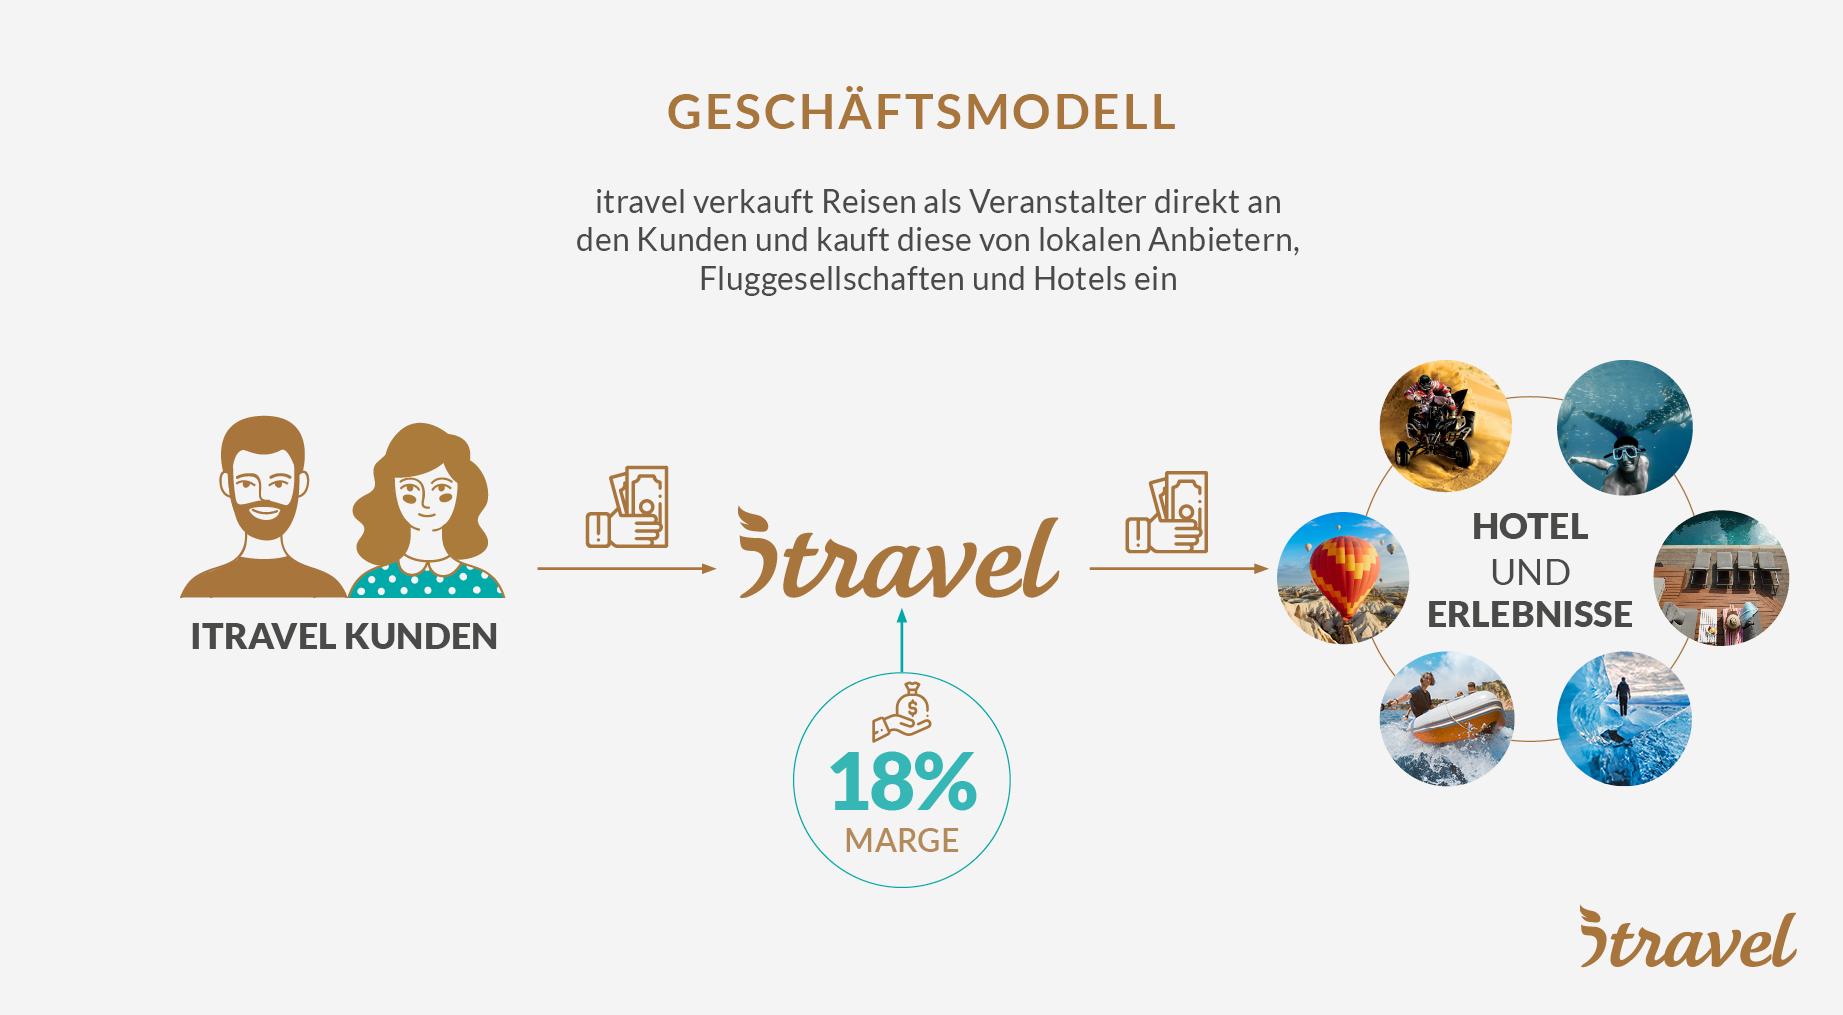 itravel - Das Geschäftsmodell